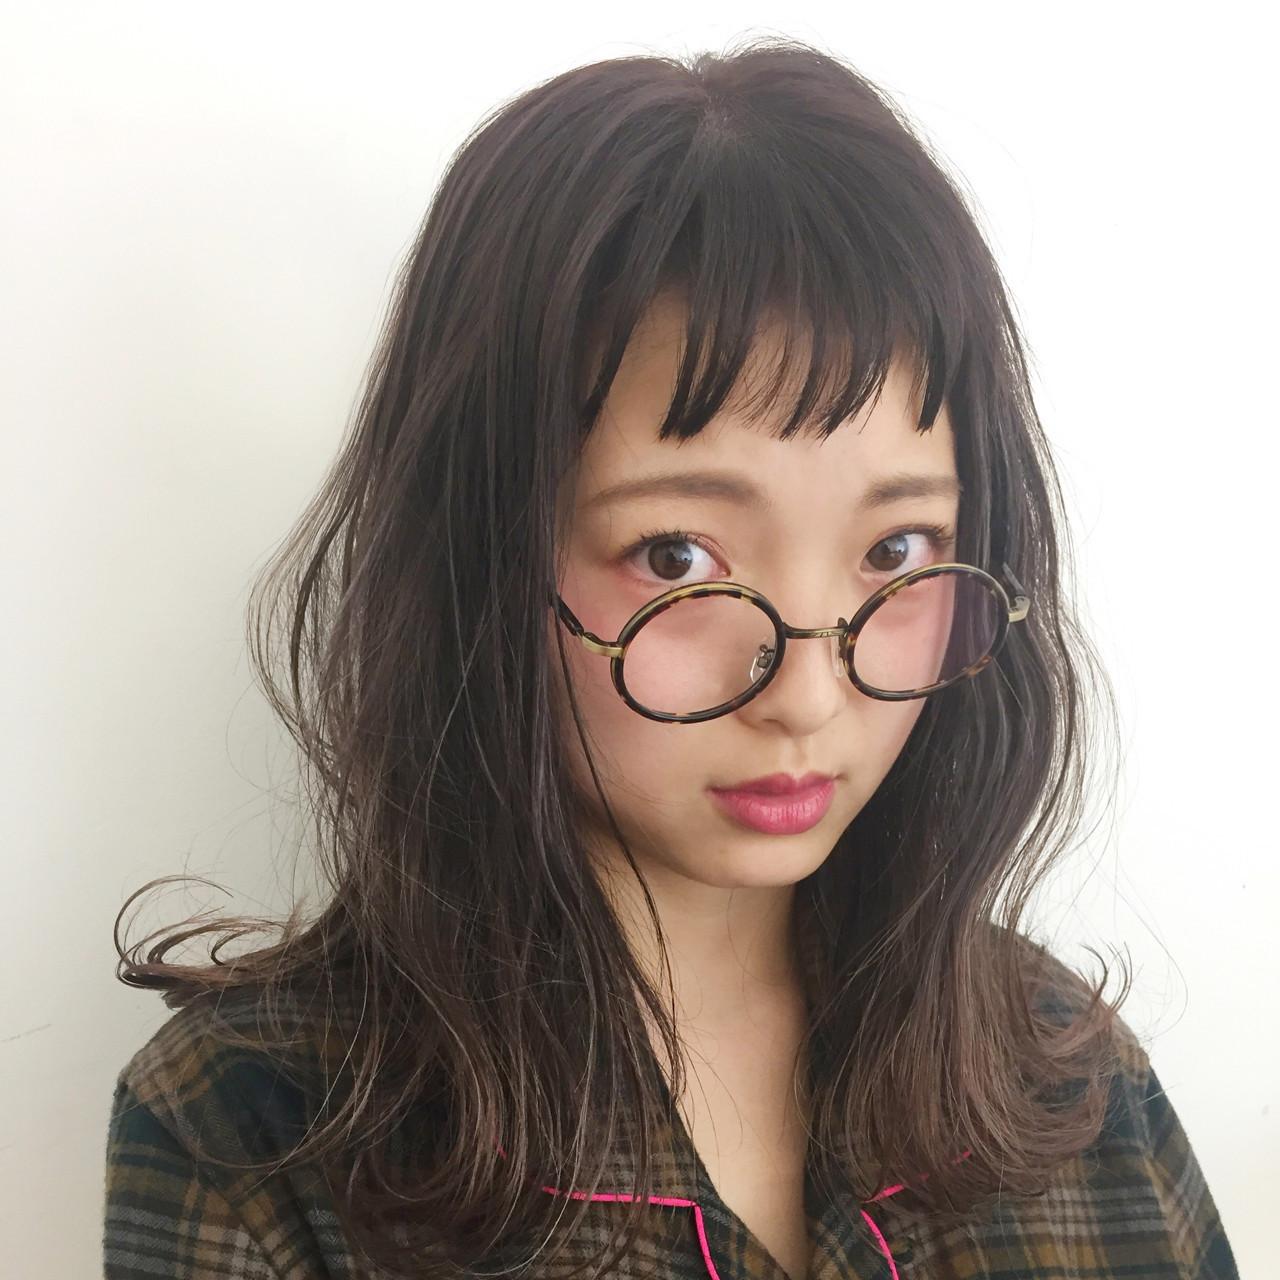 【男子ウケバツグン!】人気の髪型、ストレートヘアに挑戦しよう♡